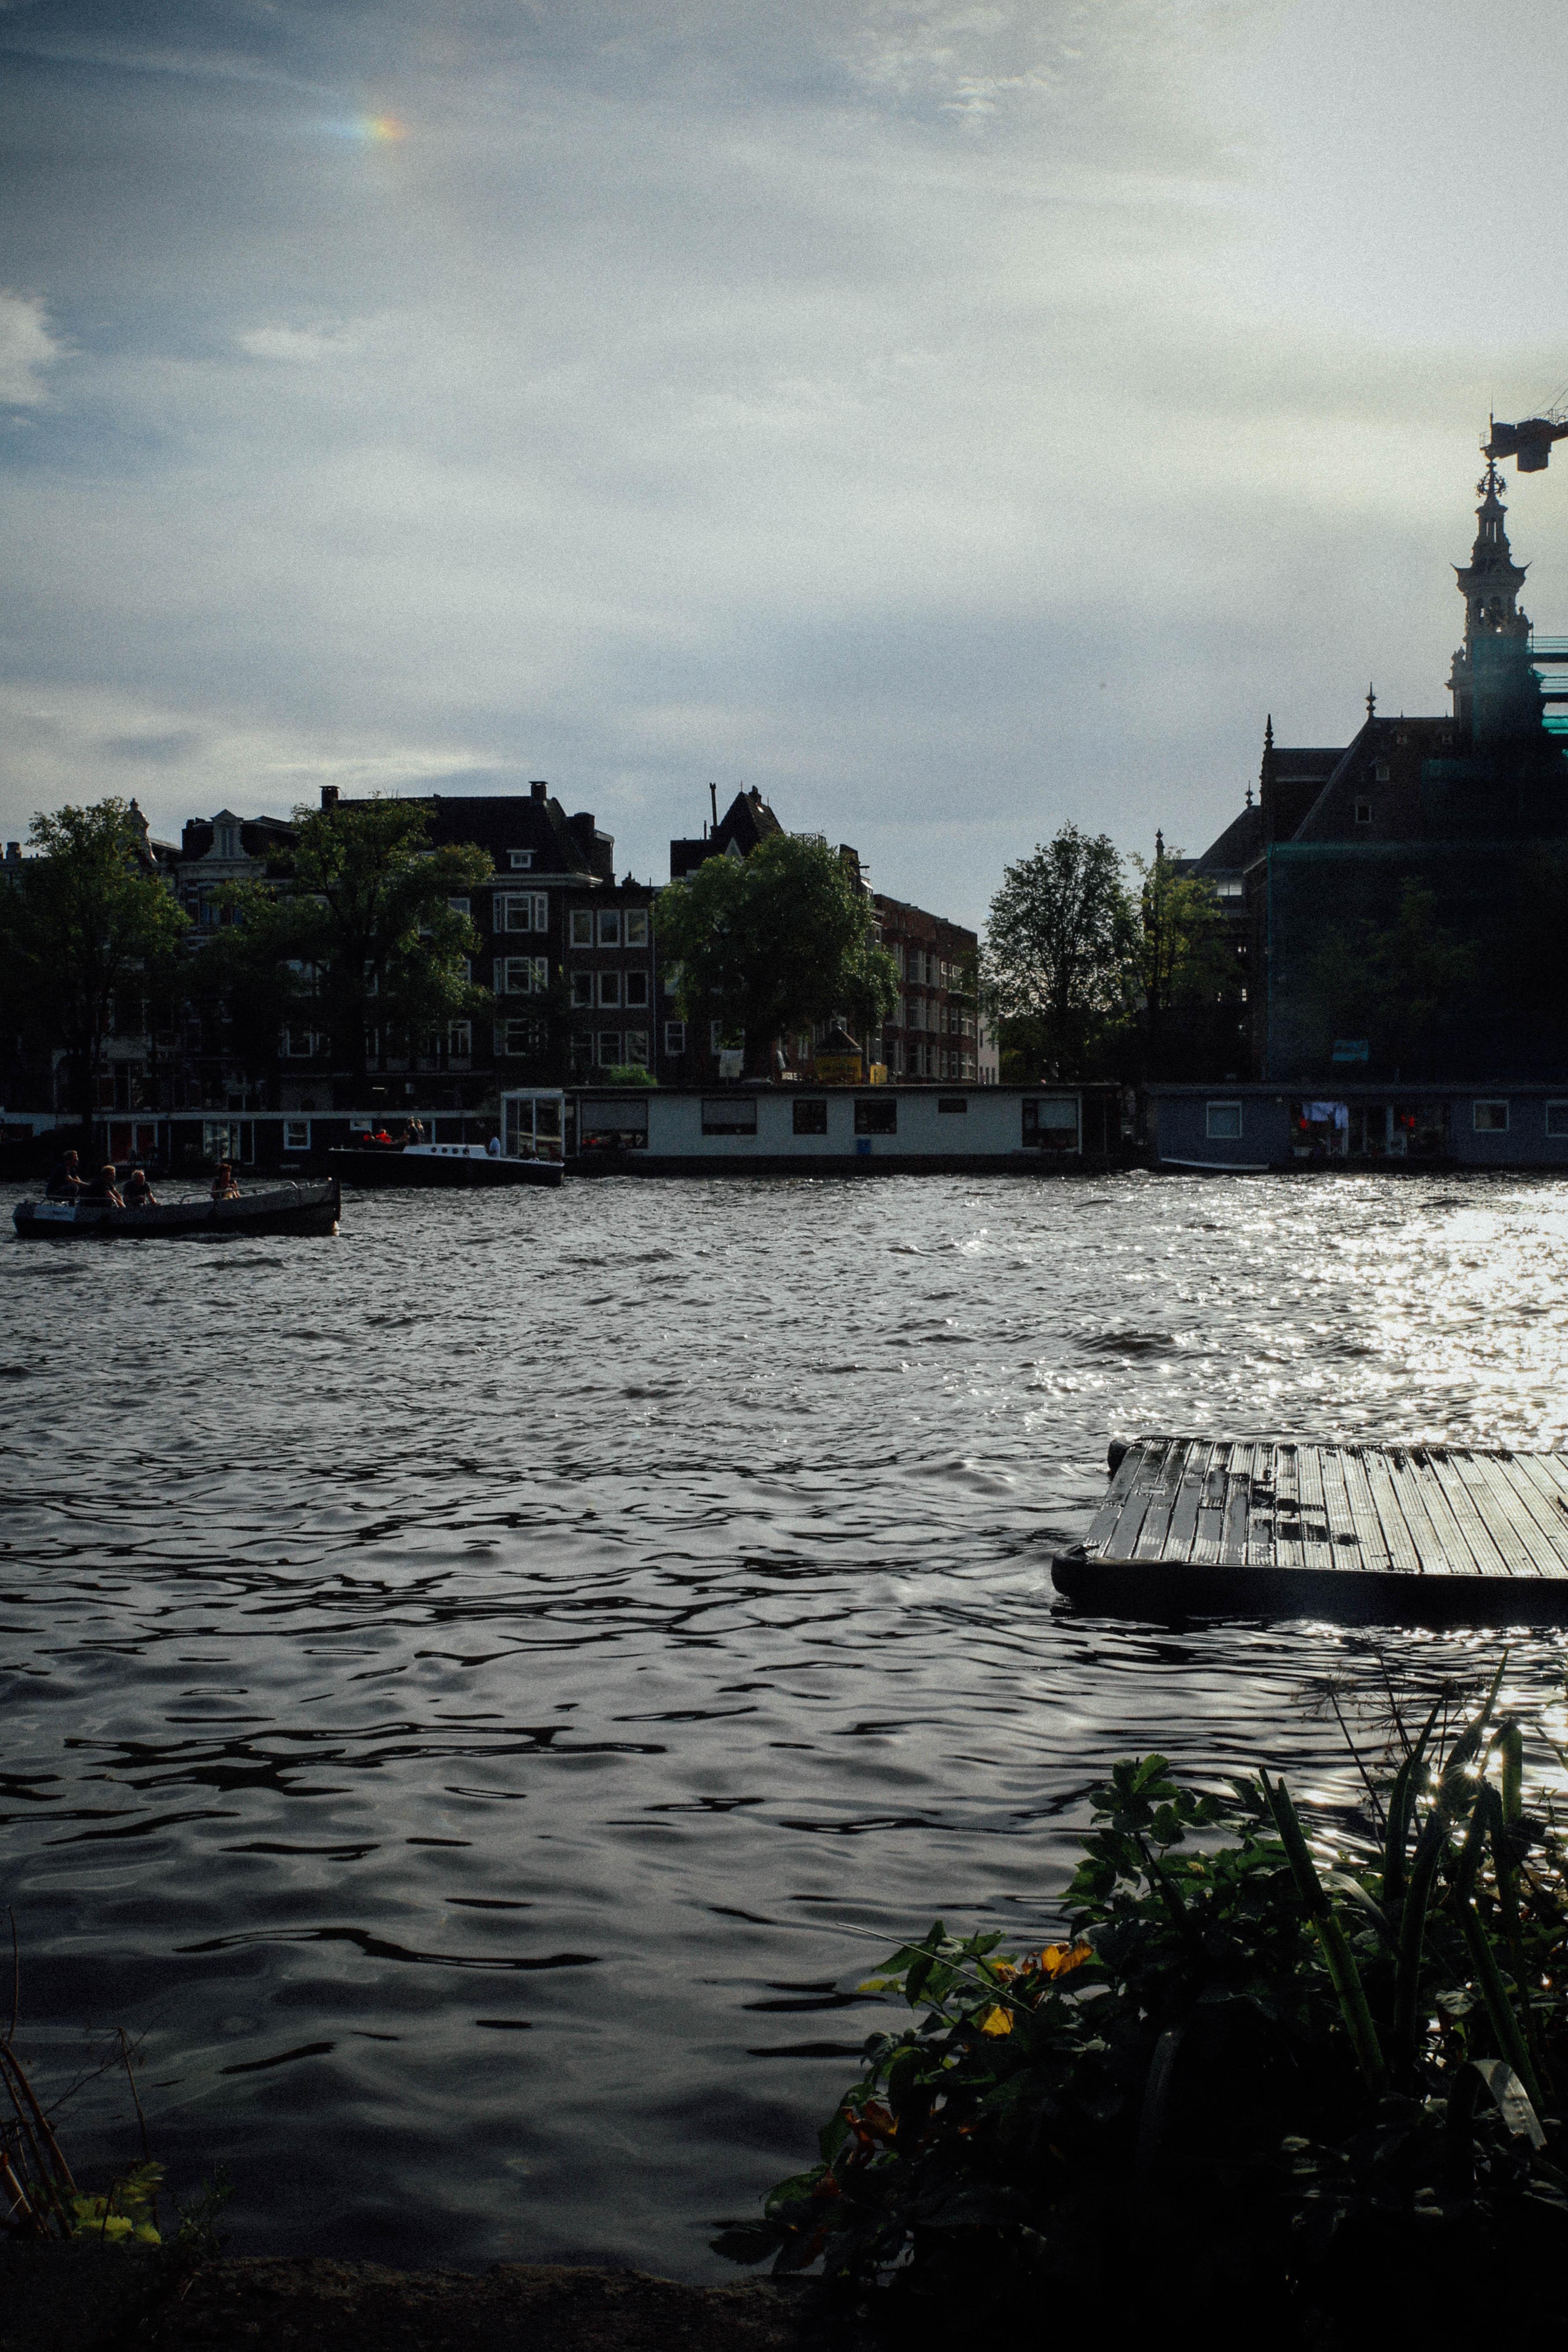 megandcook-voyage-amsterdam-60-1-sur-1